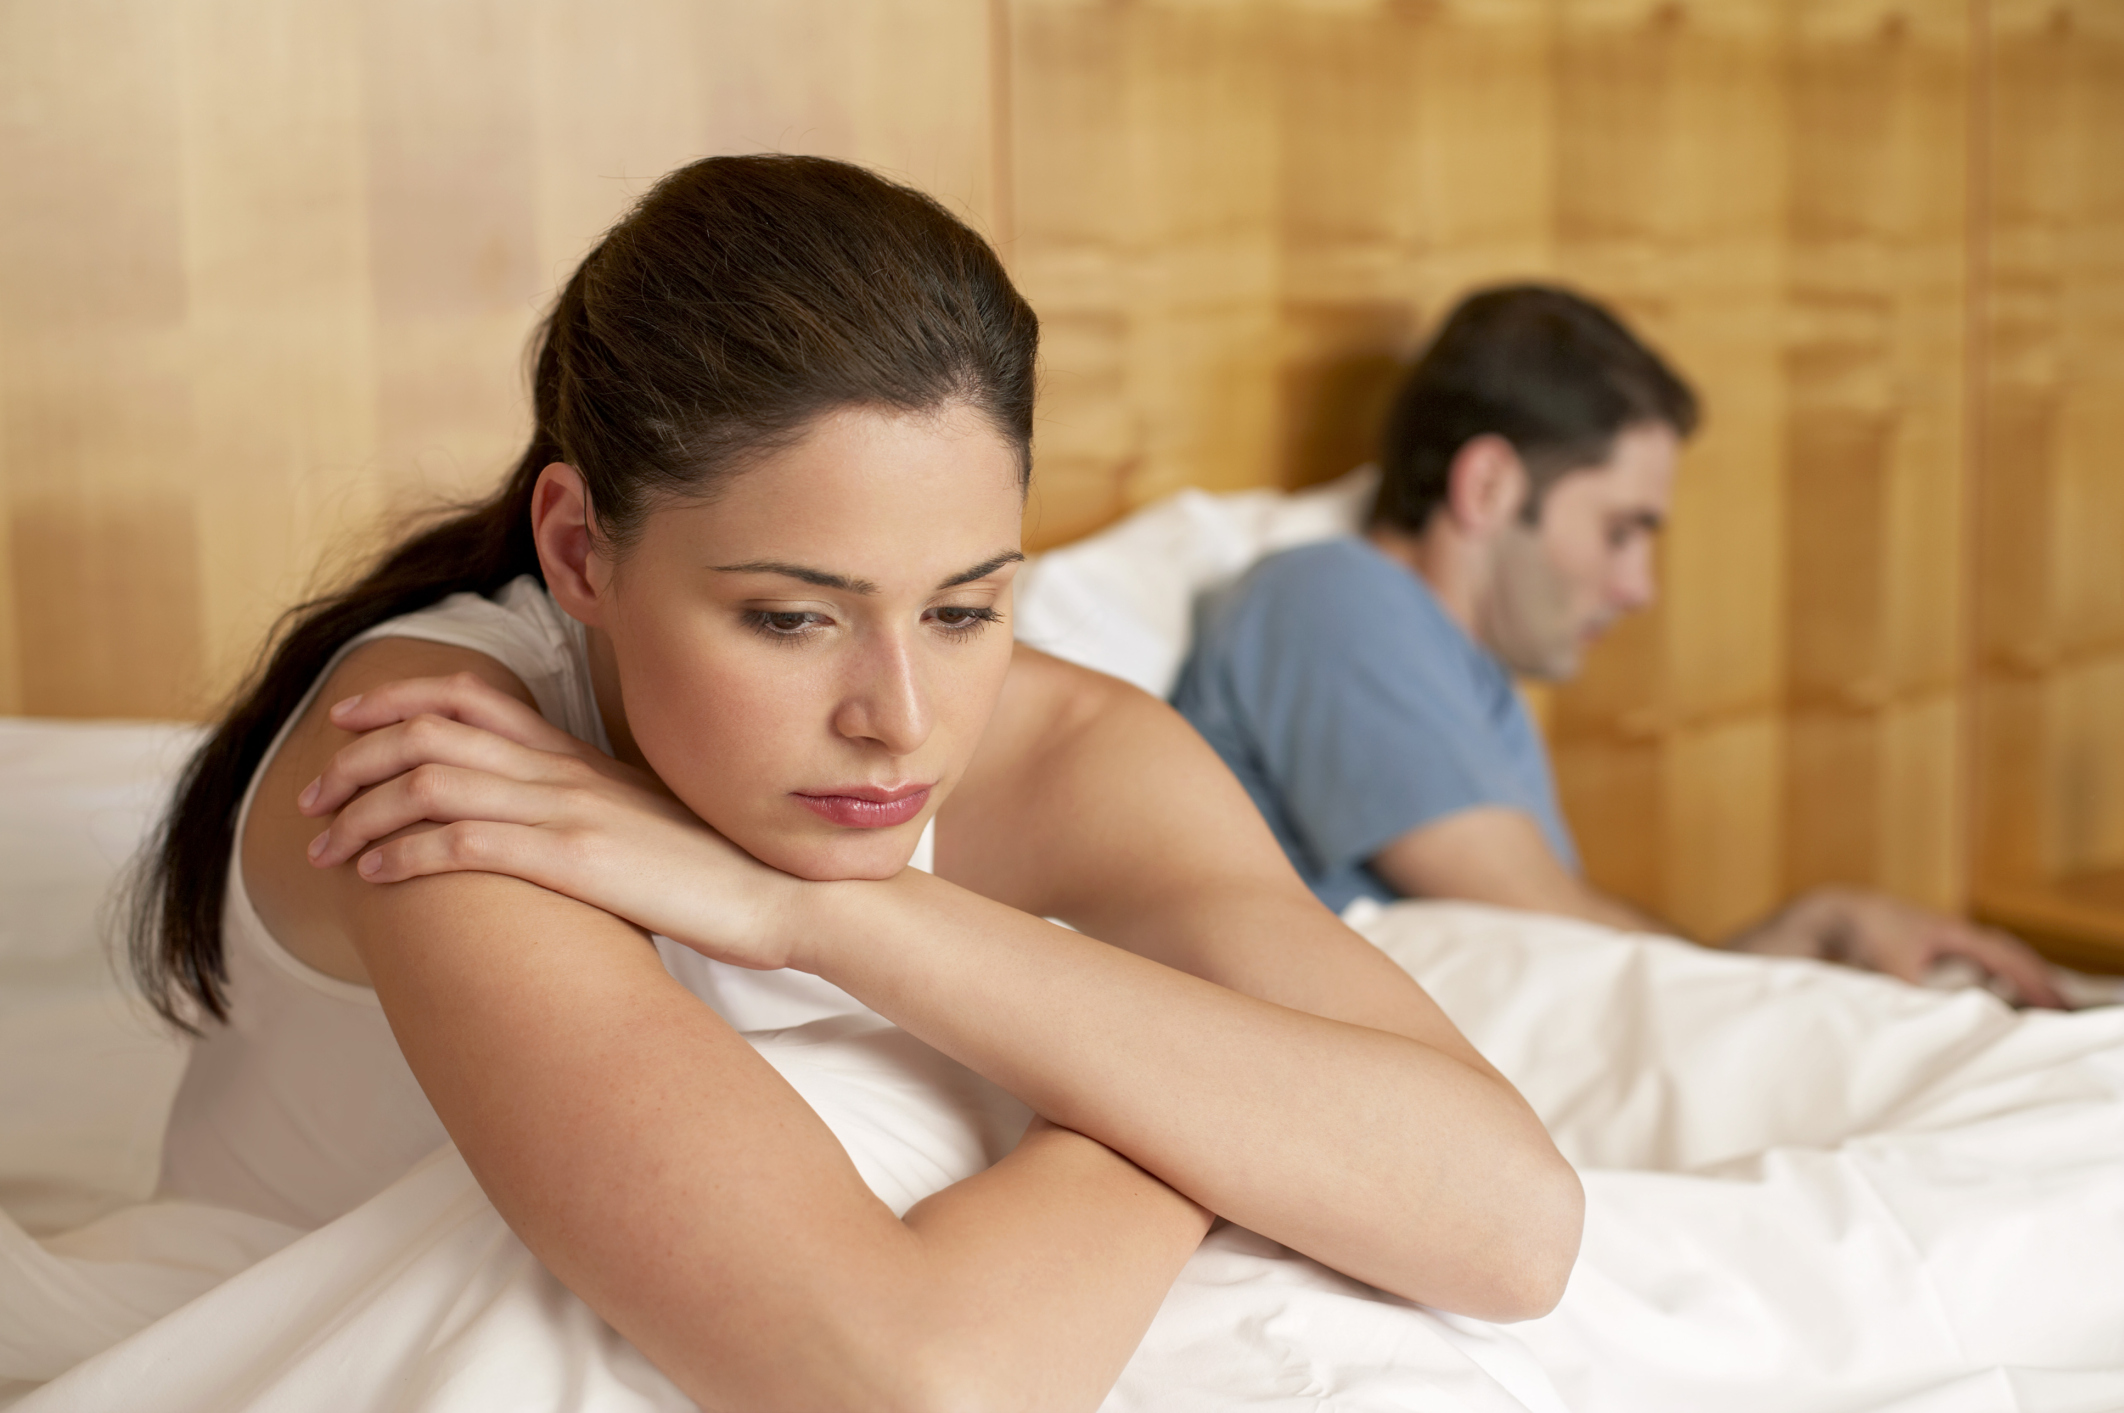 Signs of Jealousy in Men